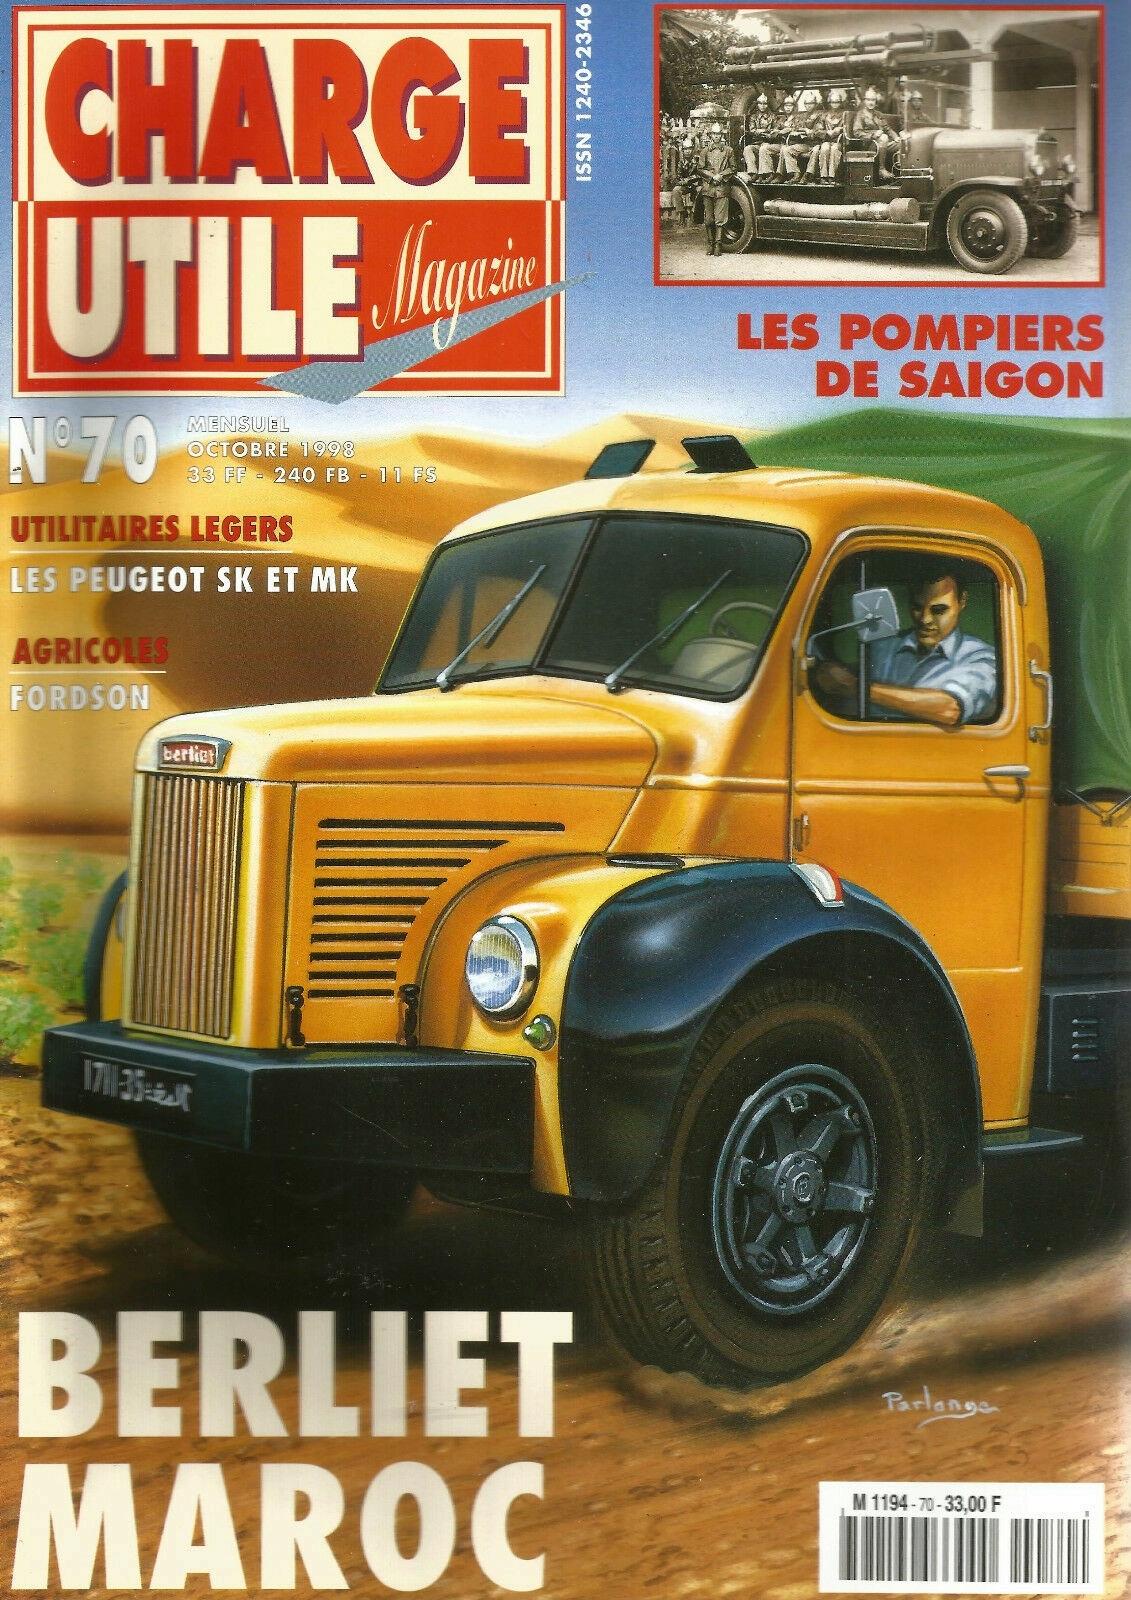 Transport Routier au Maroc - Histoire - Page 2 Clipb247